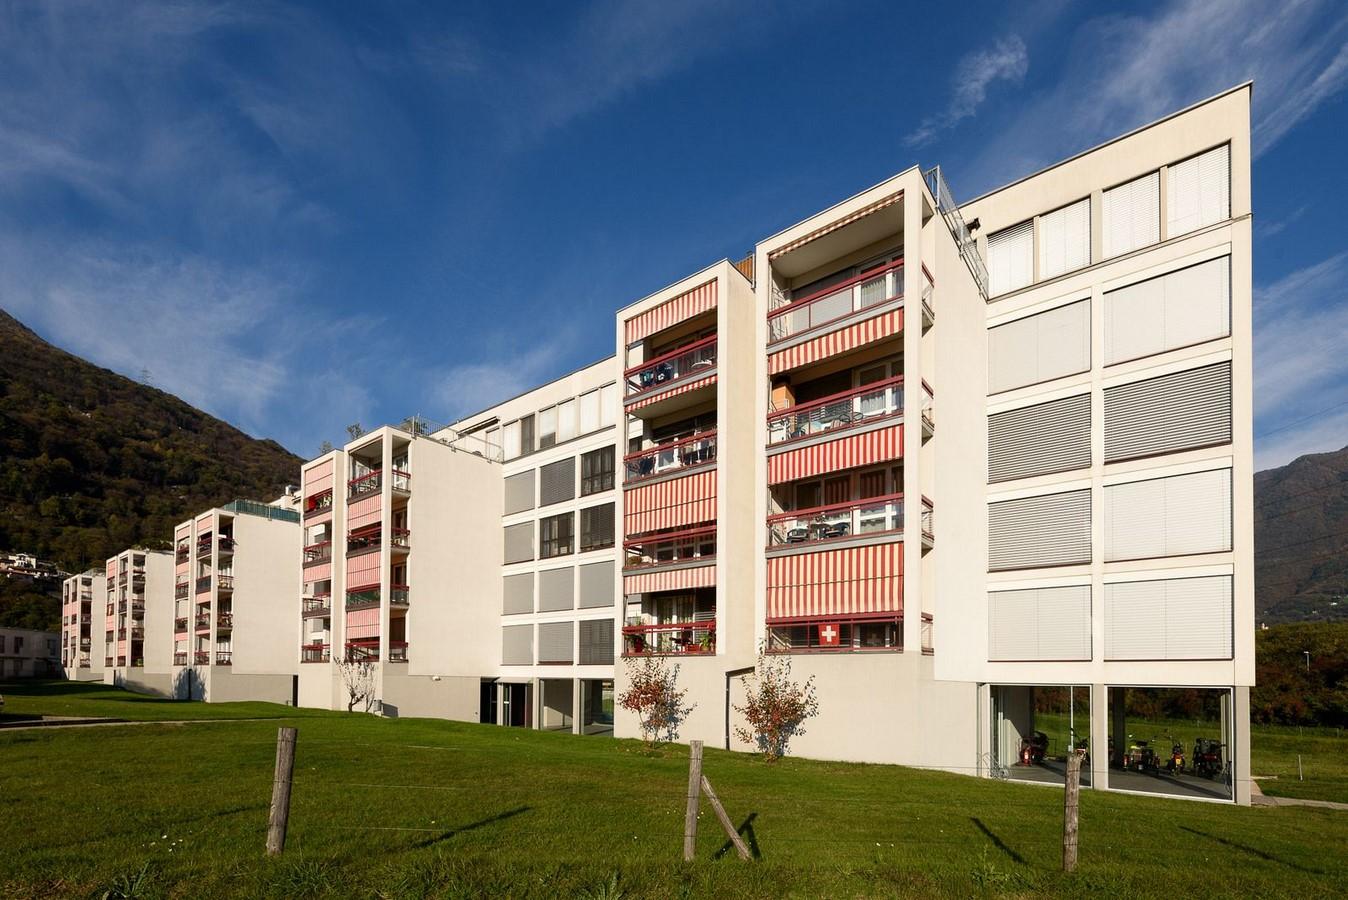 Appartamenti VerdeMonte - Sheet1